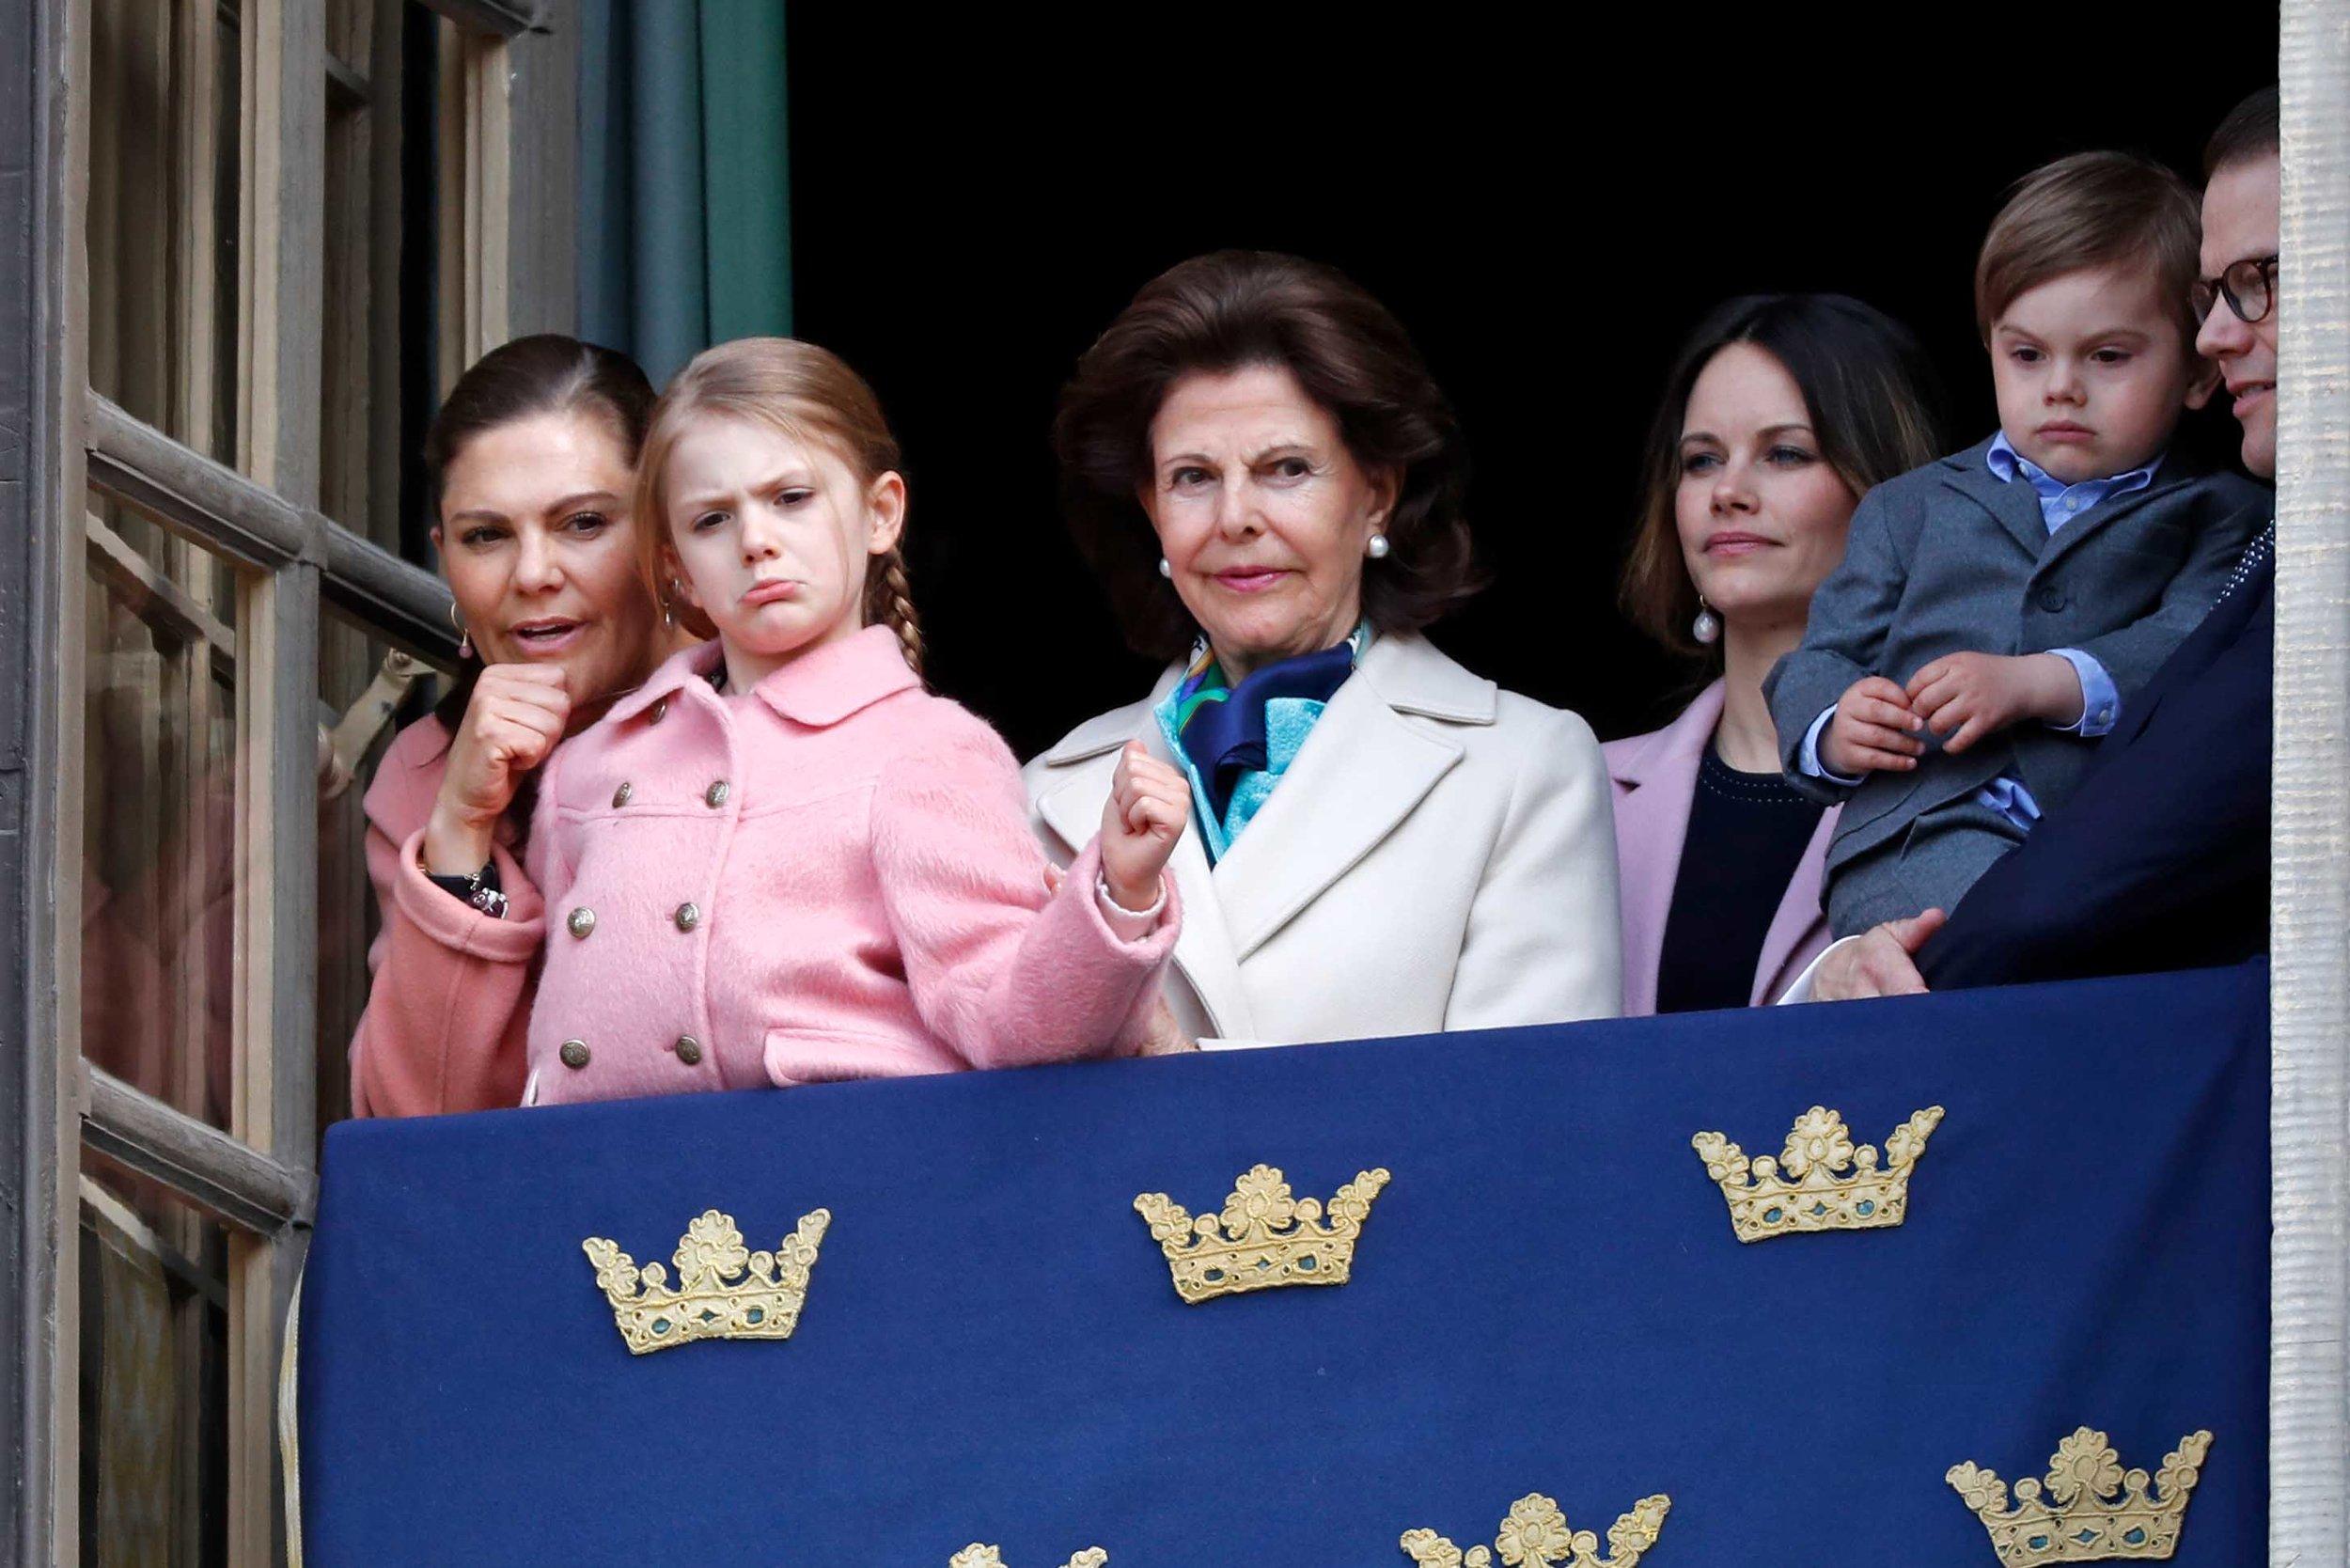 Prinzessinnen im Partnerlook: Kronprinzessin Victoria, Prinzessin Estelle und Prinzessin Sofia tragen alle Rosa.  ©Getty Images